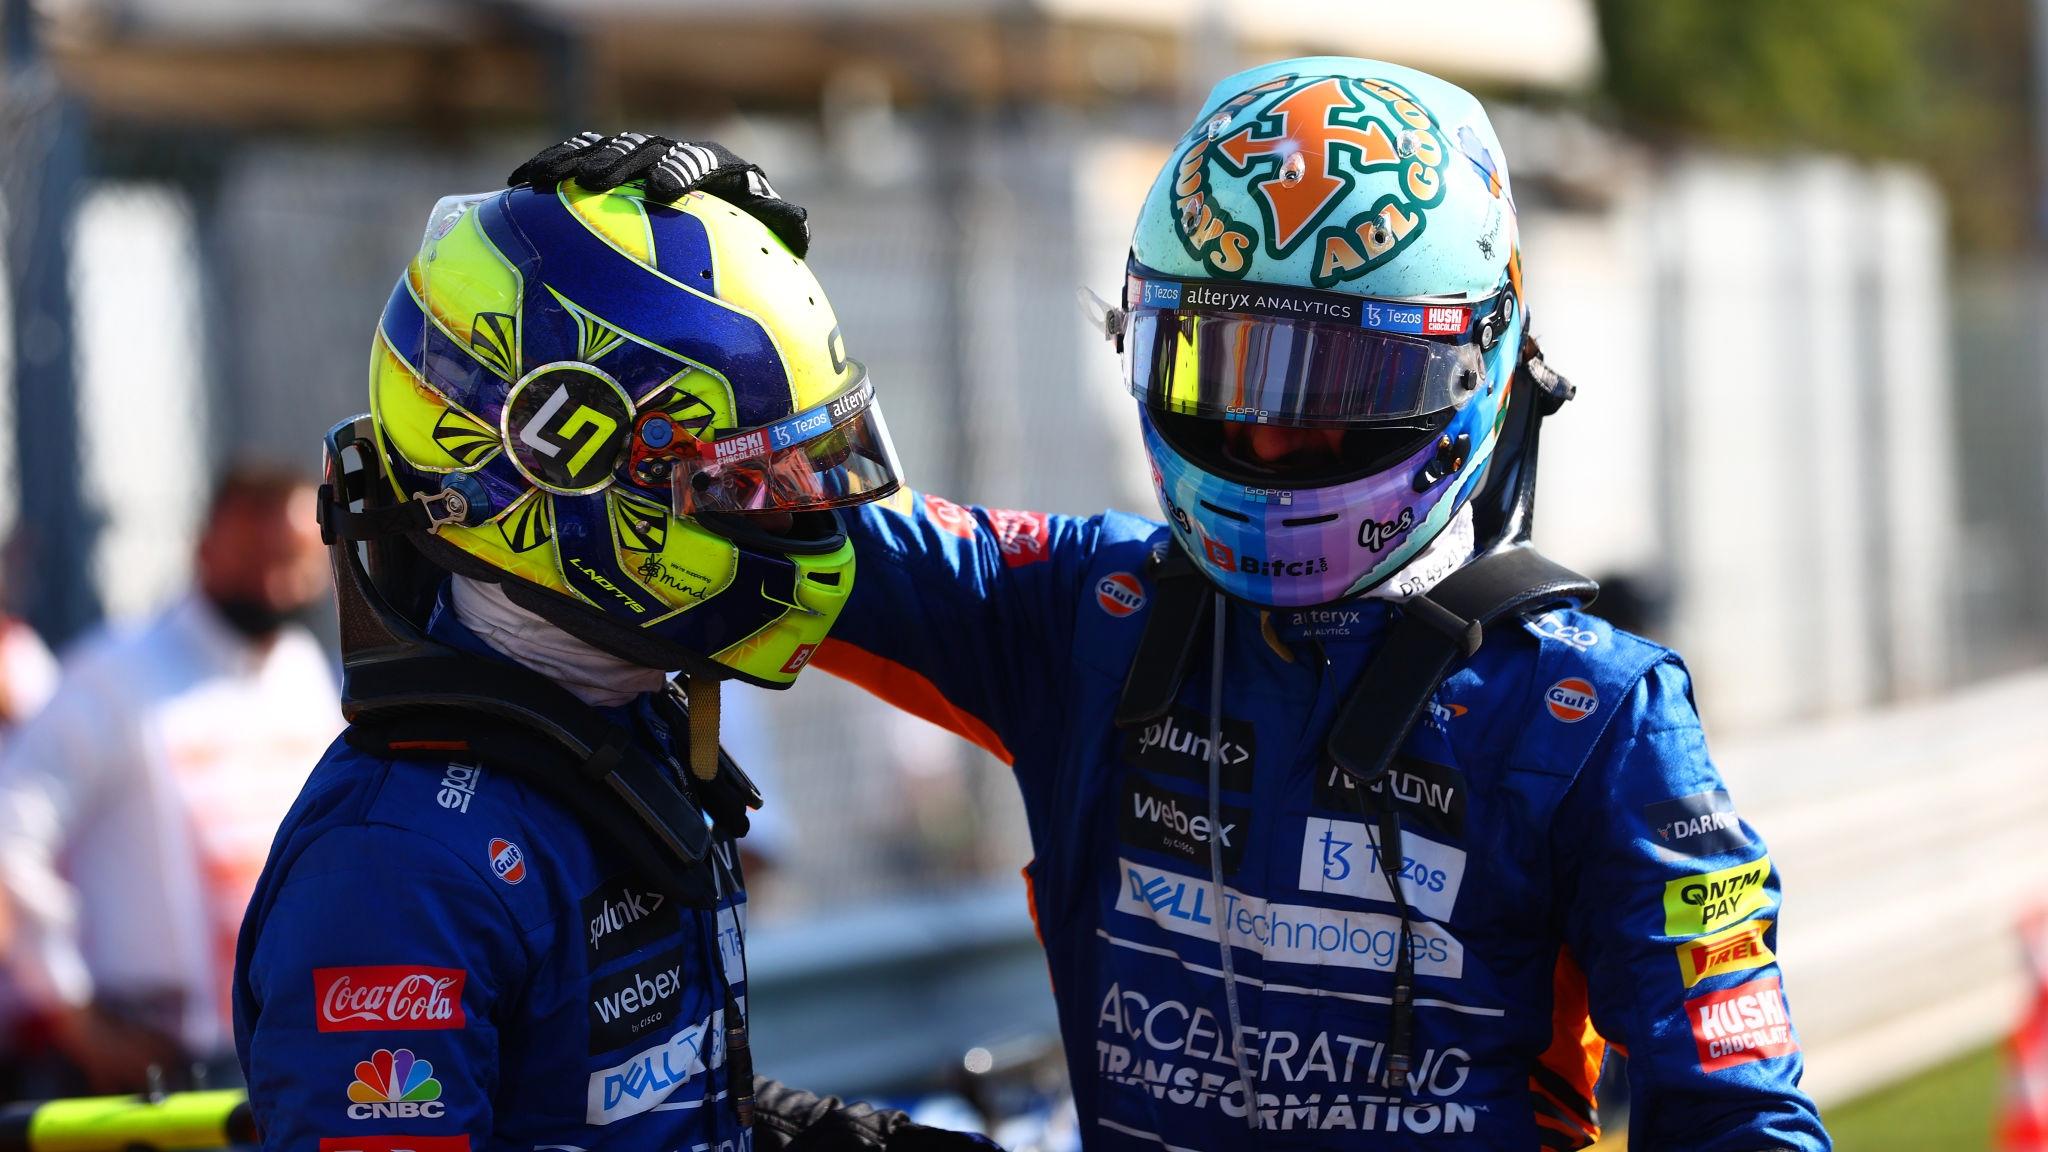 F1 - Les résultats définitifs du Grand Prix d'Italie 2021